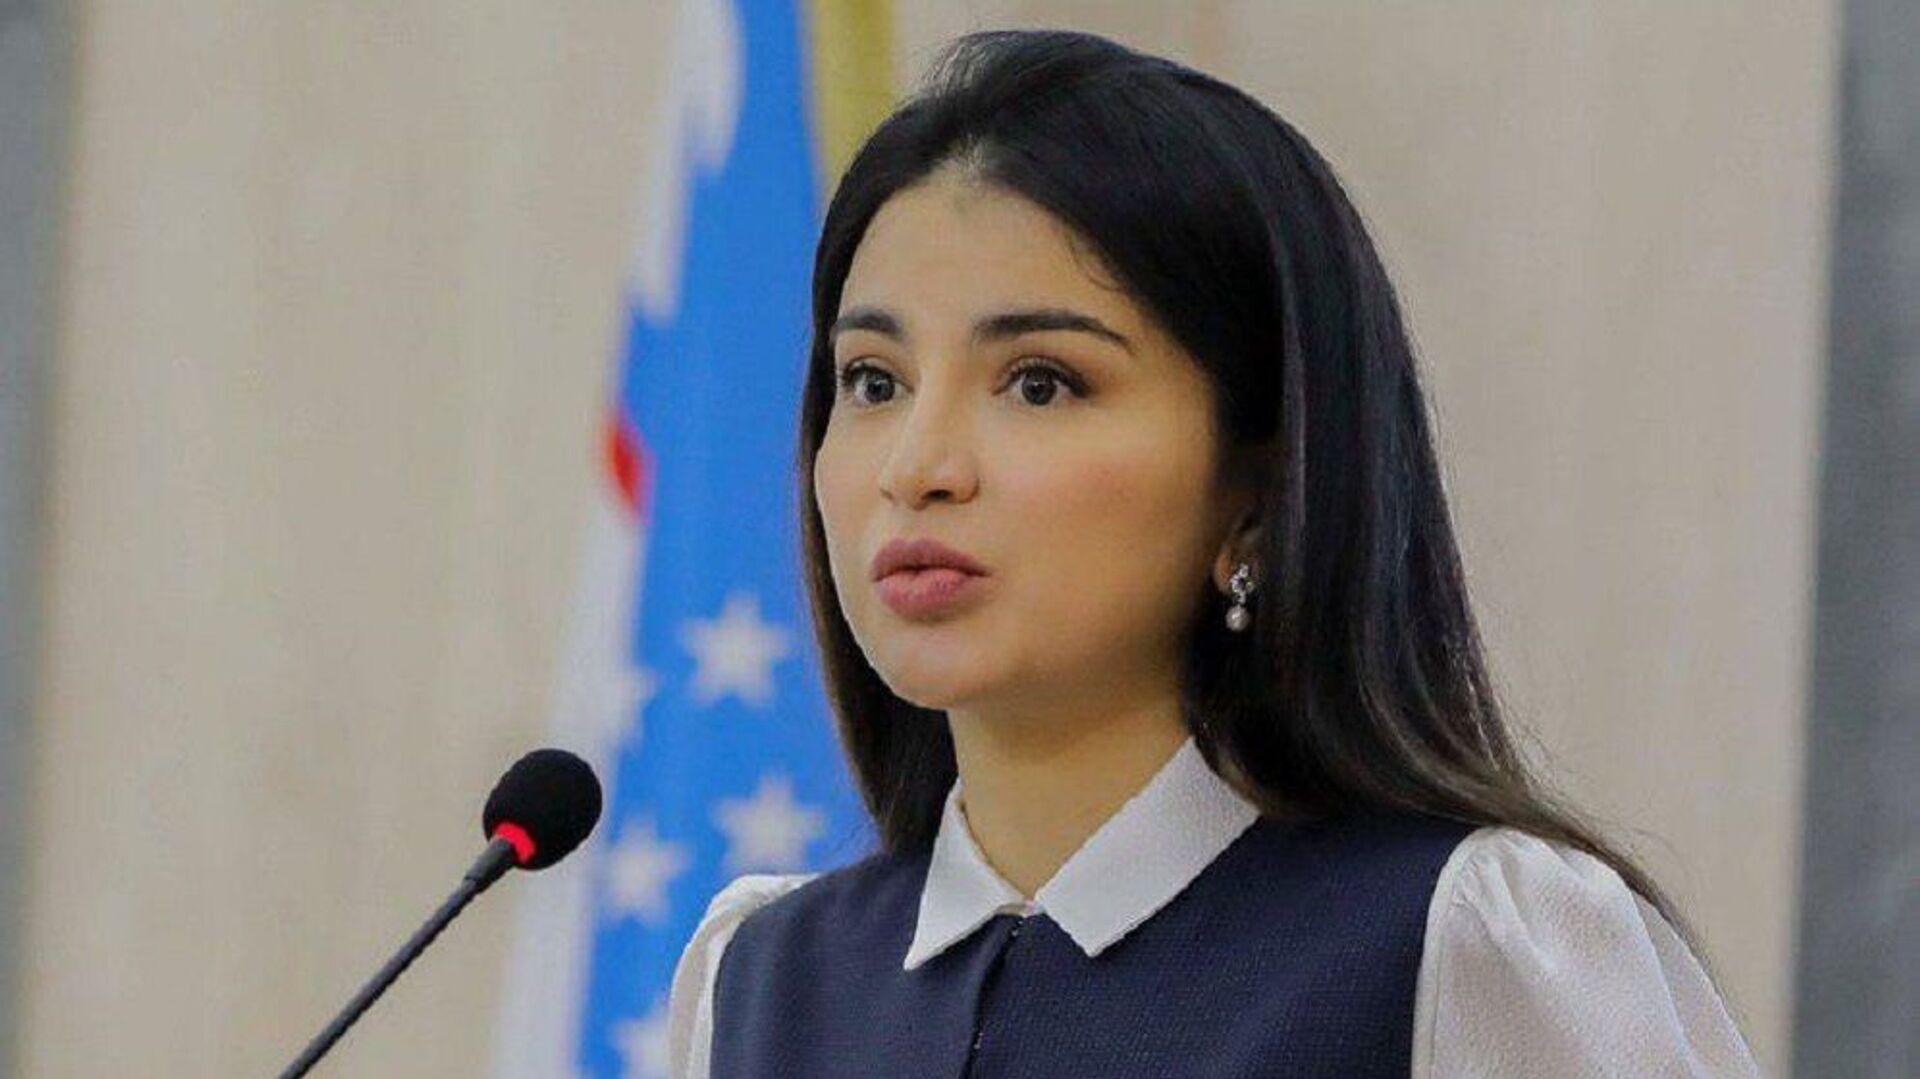 Саида Мирзиёева стала замдиректора Агентства информации и массовых коммуникаций - Sputnik Таджикистан, 1920, 26.06.2021